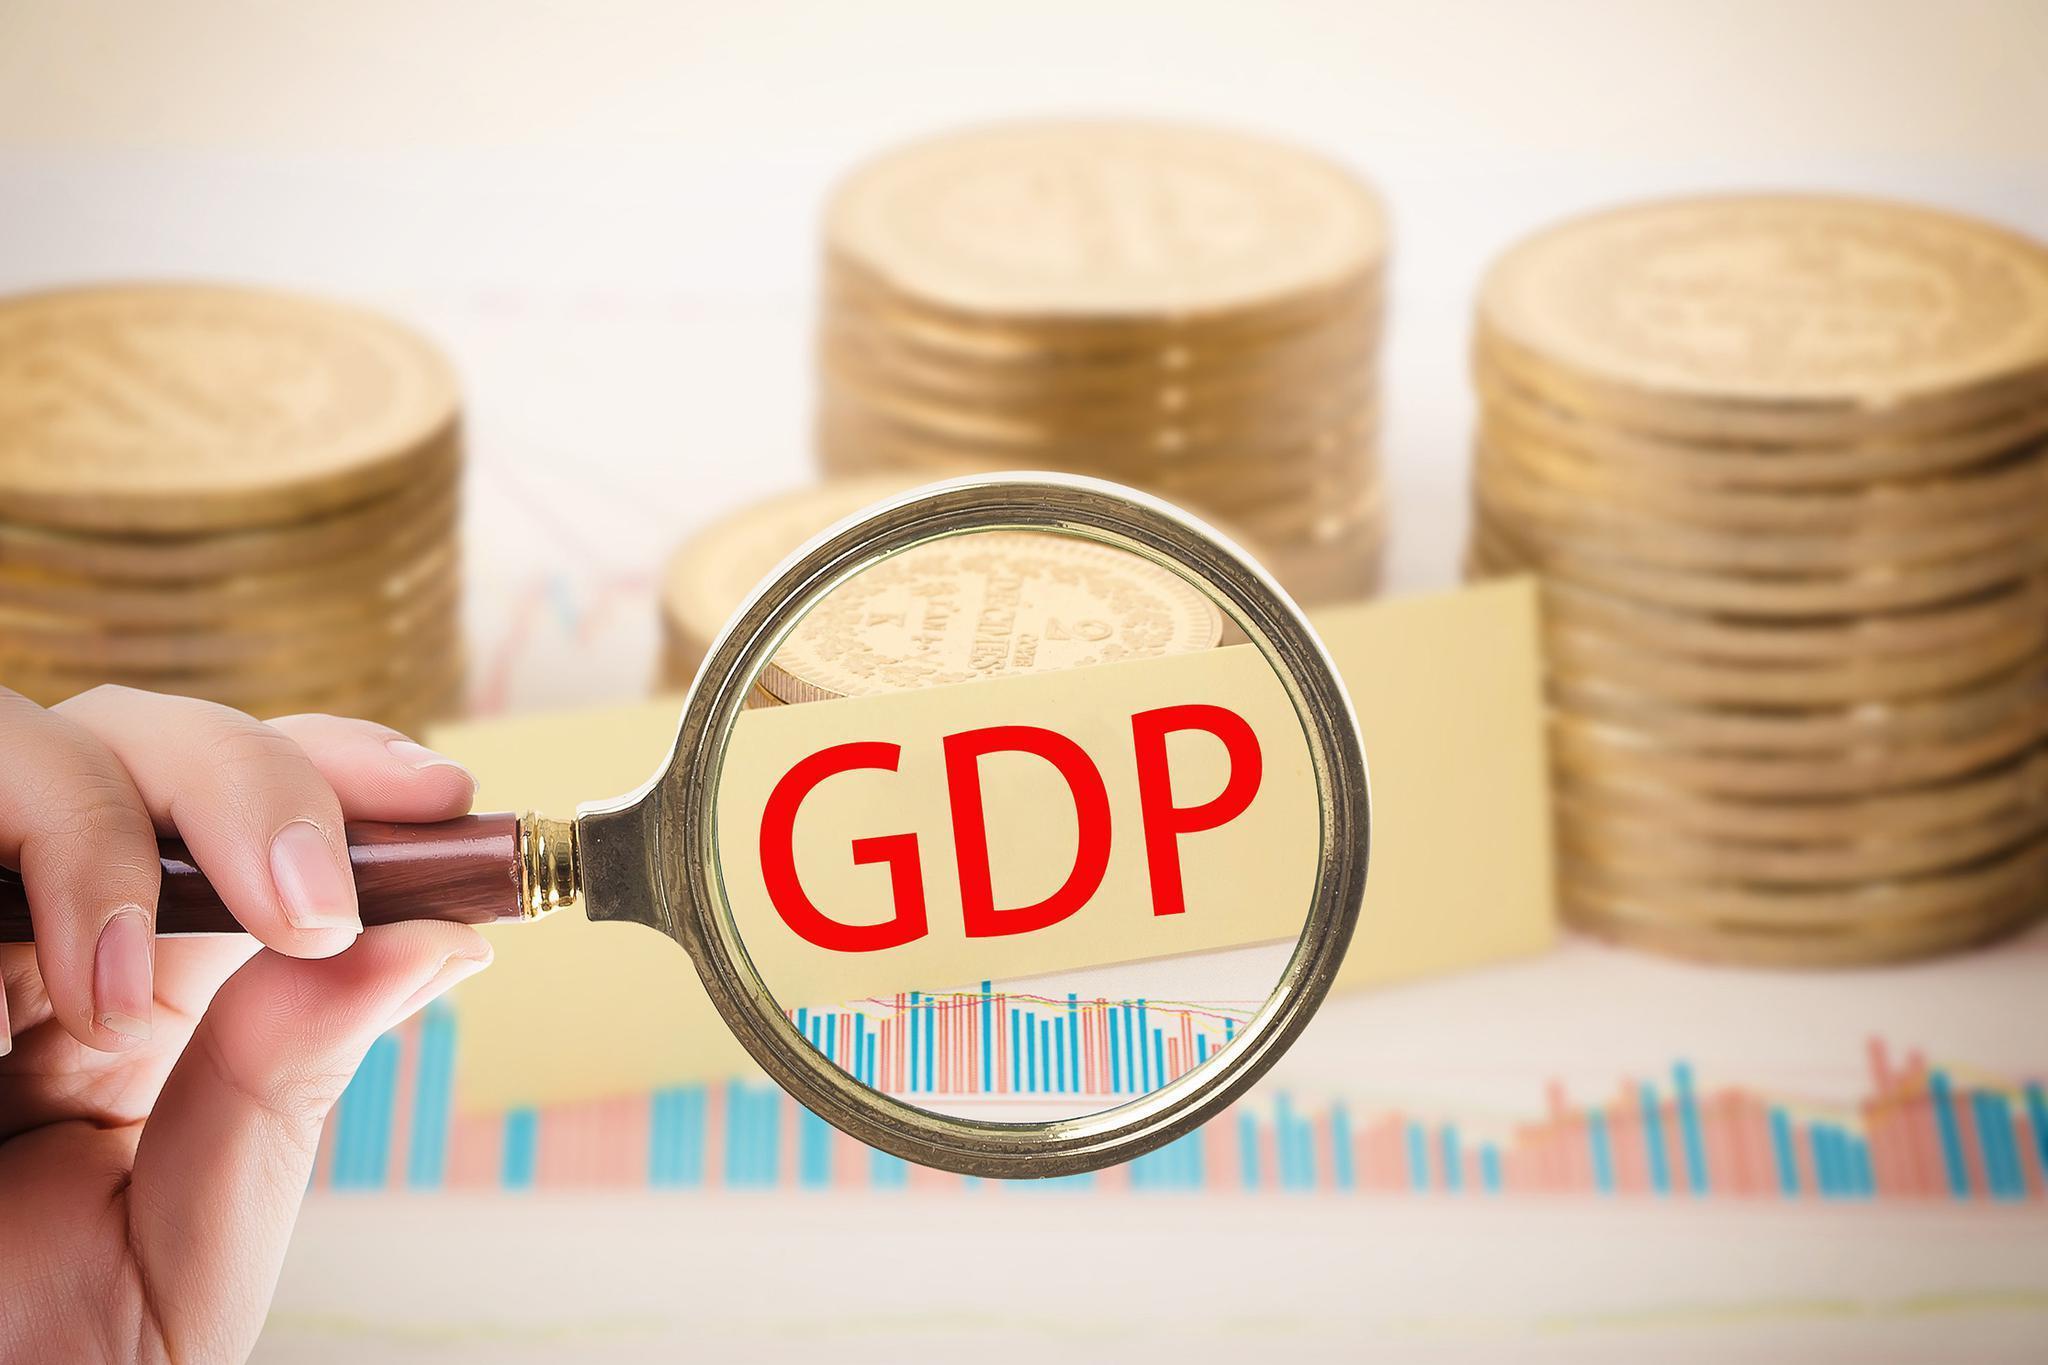 好消息!一季度,我国制造业完成的行业GDP正式突破1万亿美元